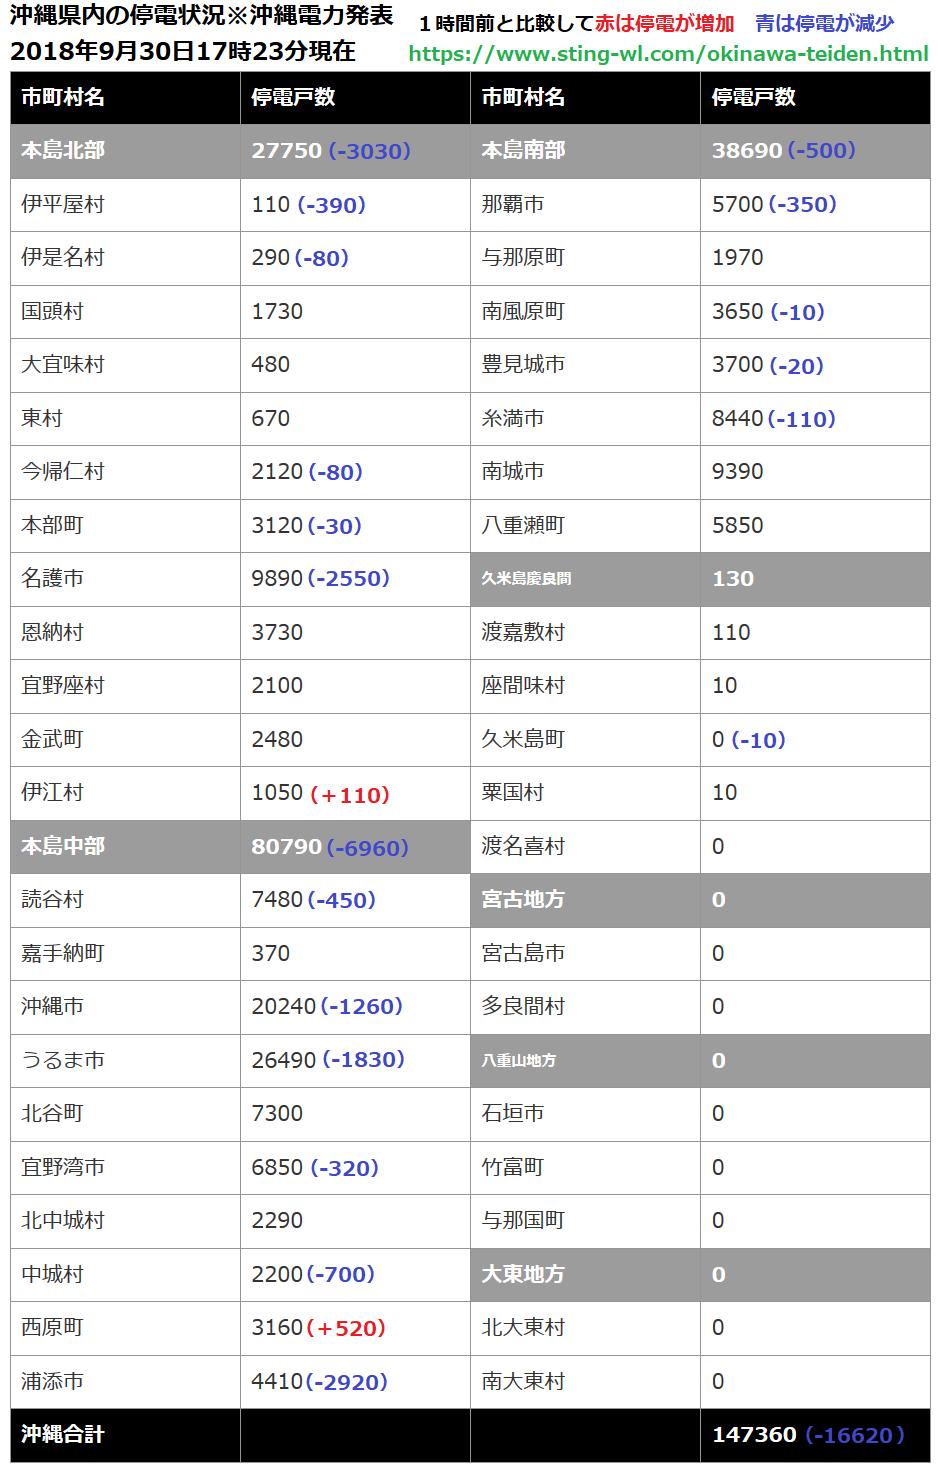 沖縄県内の停電数が1時間前と比較して停電数が増えたか?減ったか?一覧表2